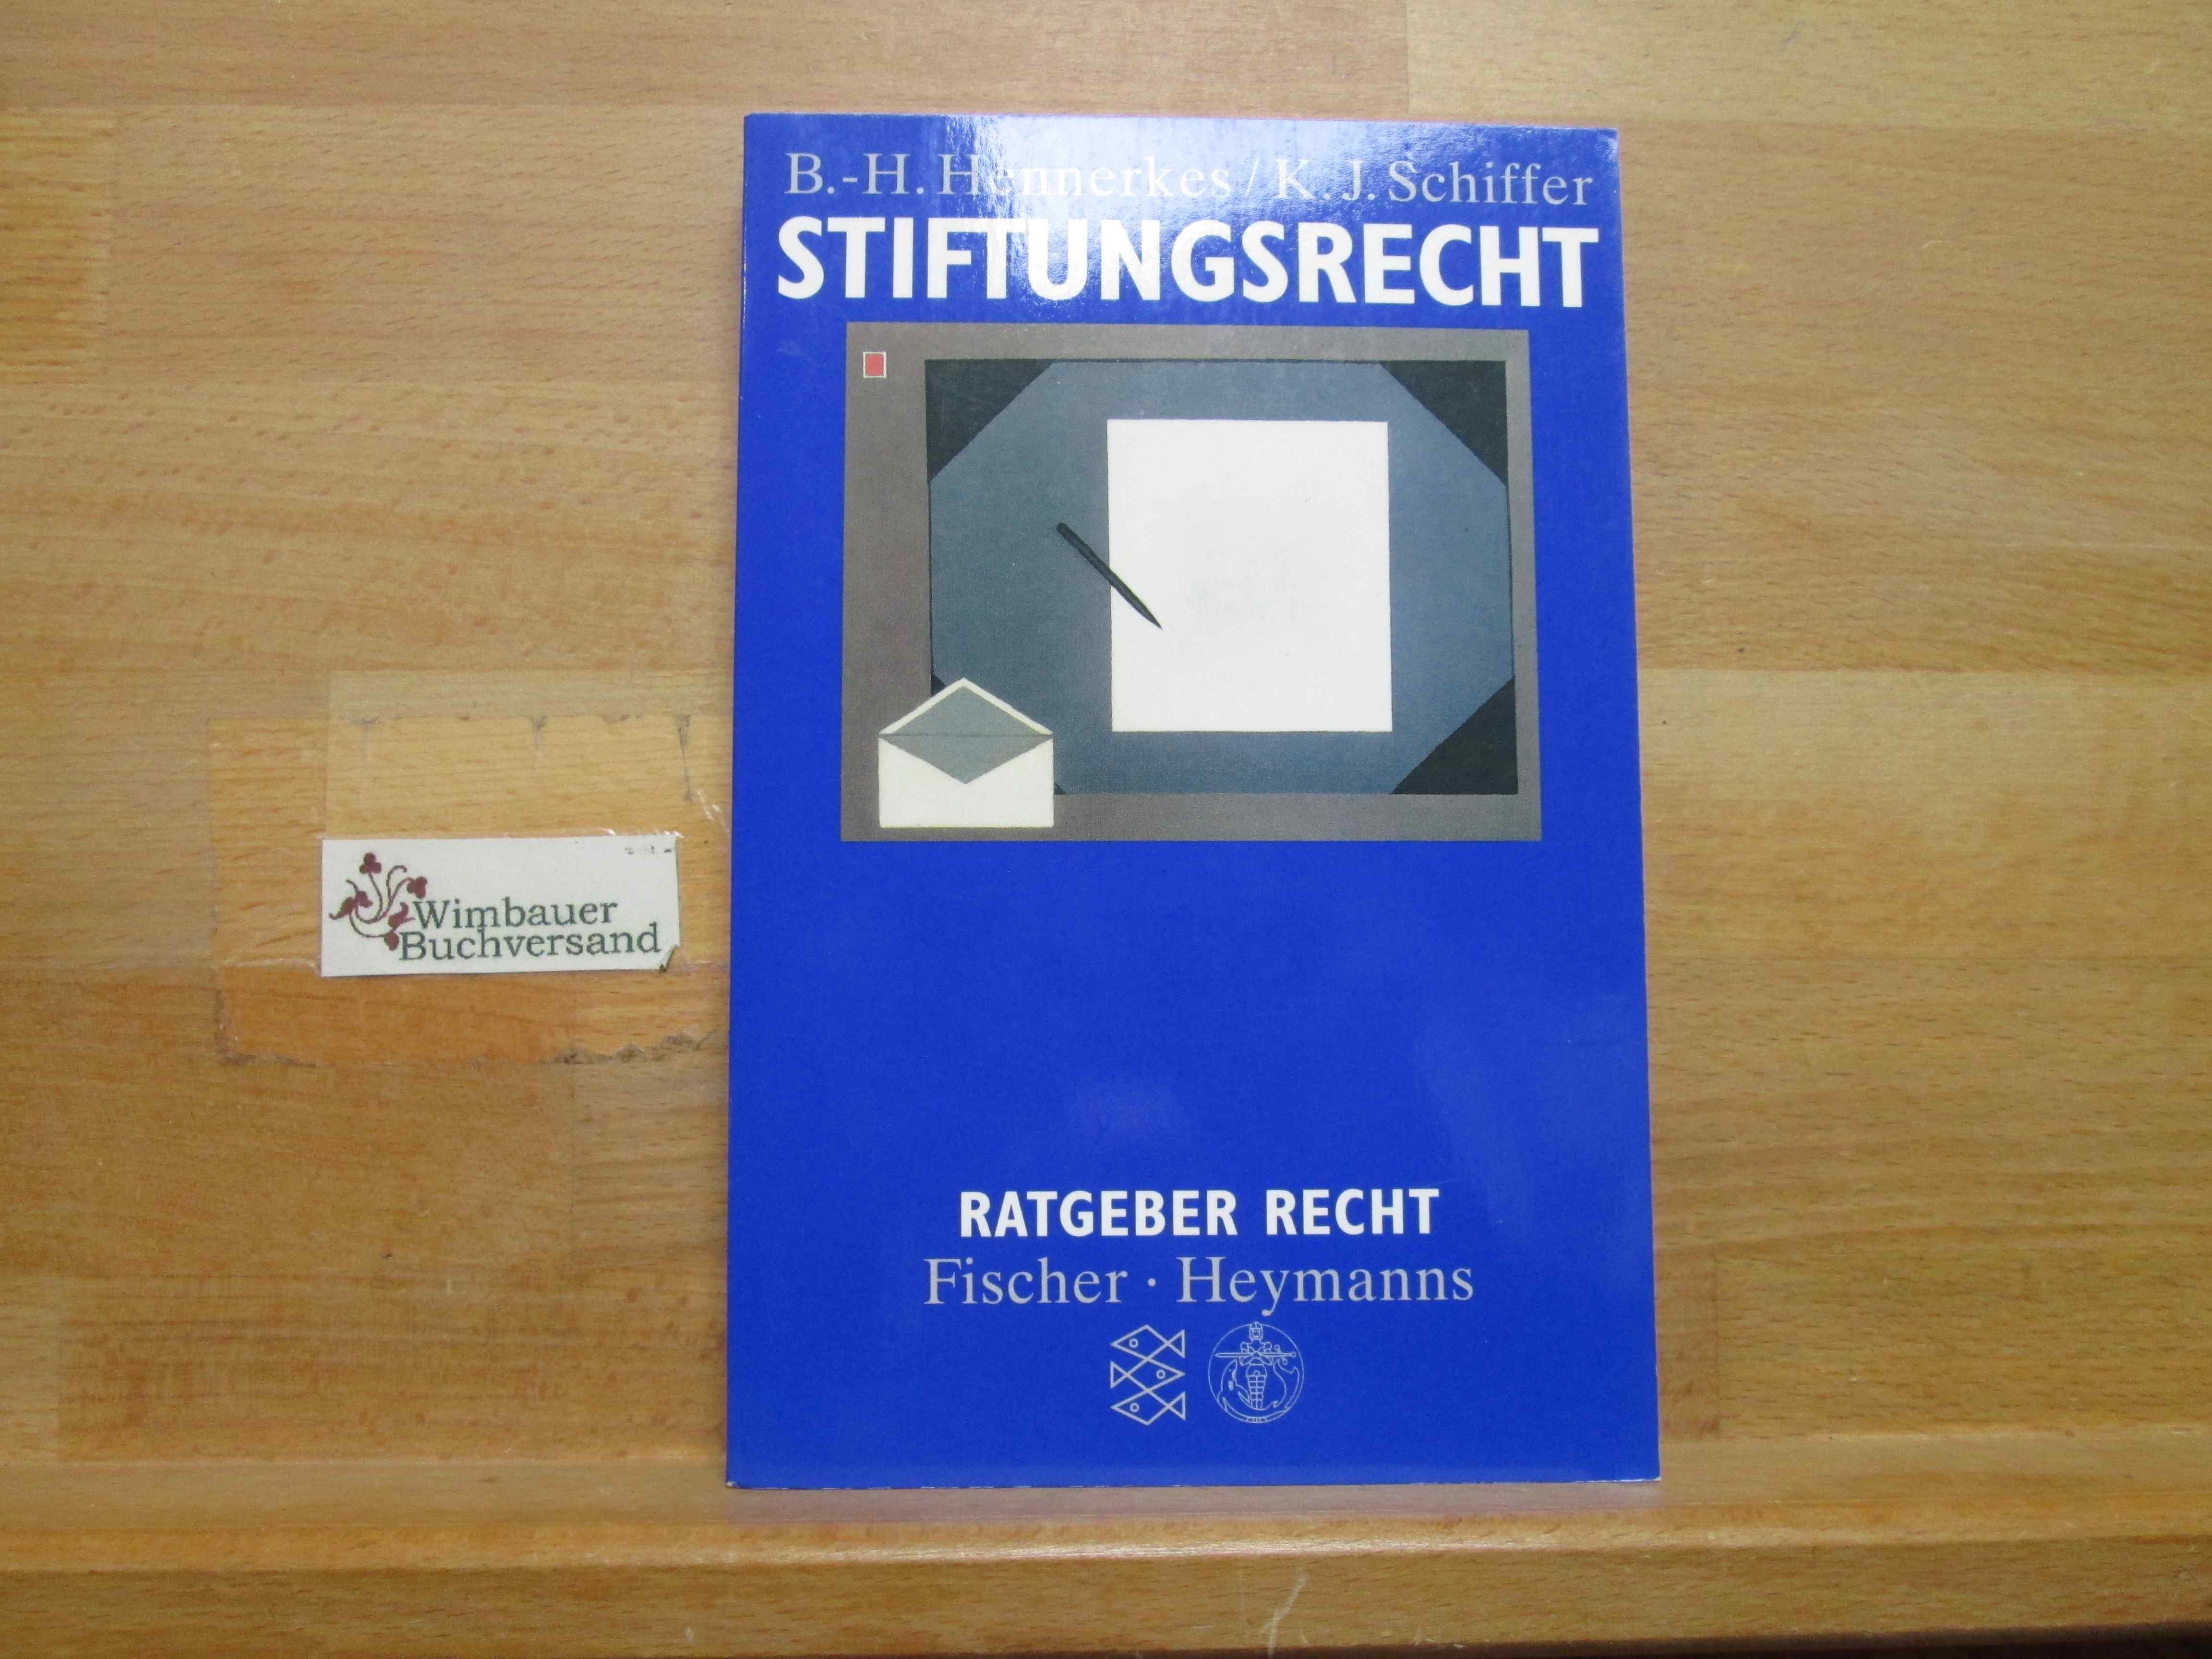 Stiftungsrecht. Brun-Hagen Hennerkes ; K. Jan Schiffer / Fischer ; 13207 : Ratgeber Recht 2. Aufl.